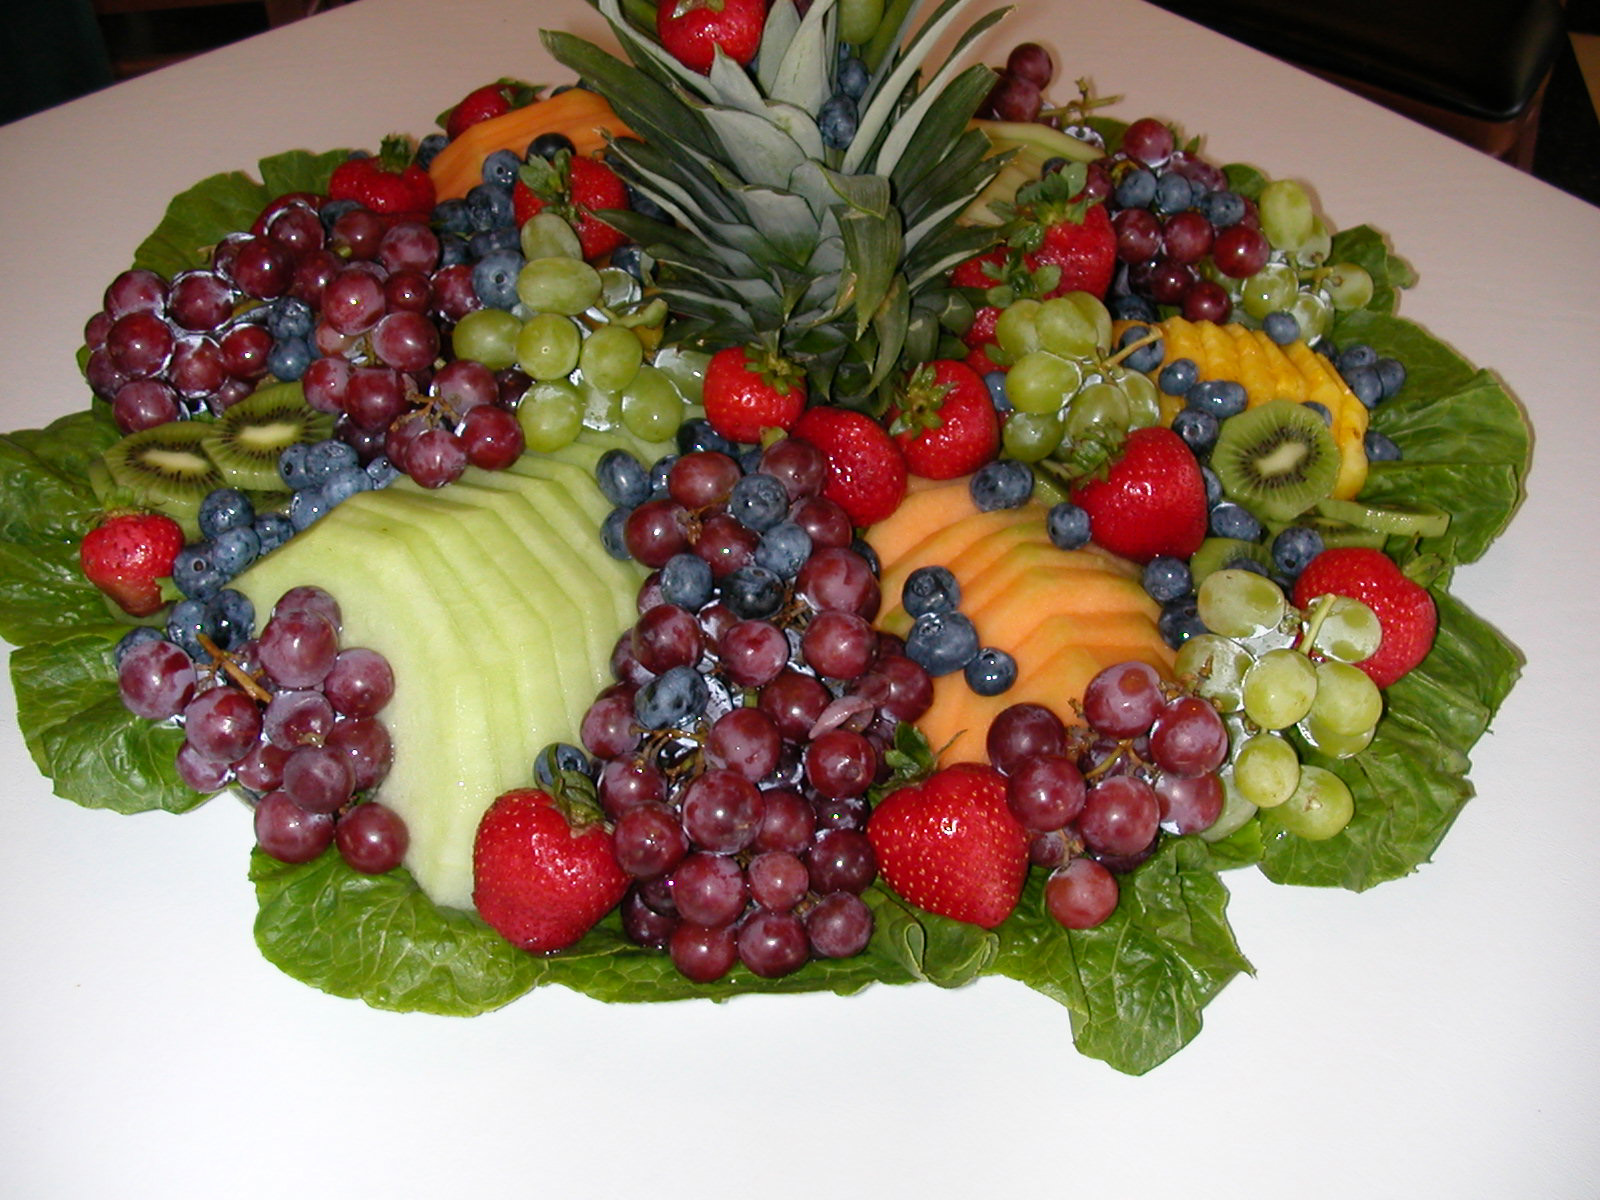 Vida y hogar ideas para hacer centros de mesa con frutas for Secar frutas para decoracion